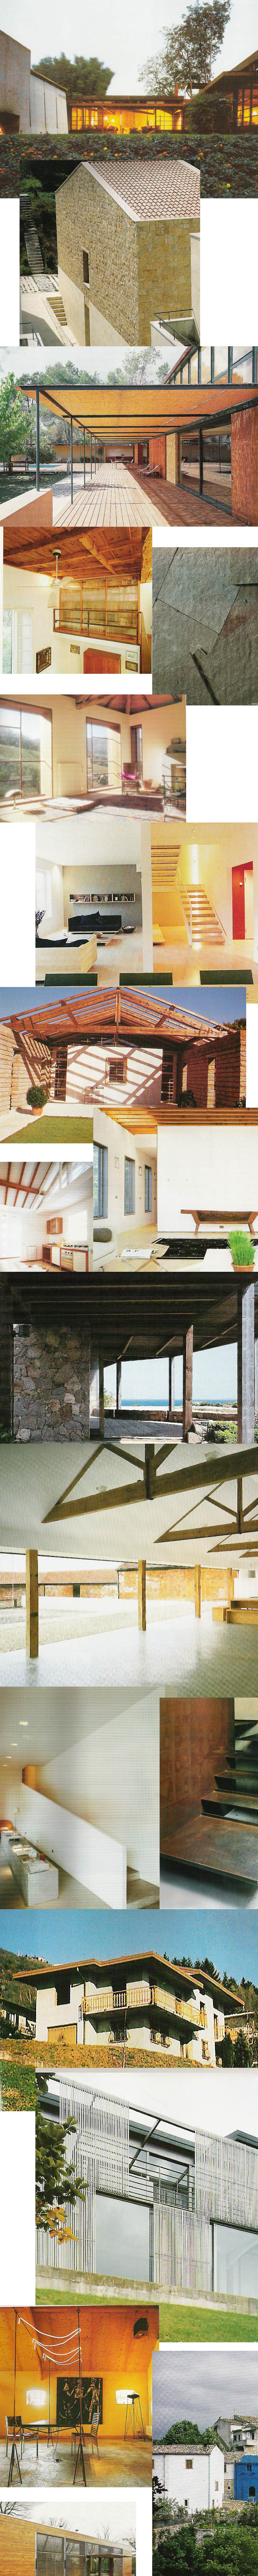 cadoneghe ristrutturazione casa campagna FG SA studio di architettura Fabrizio Guccione Architetto